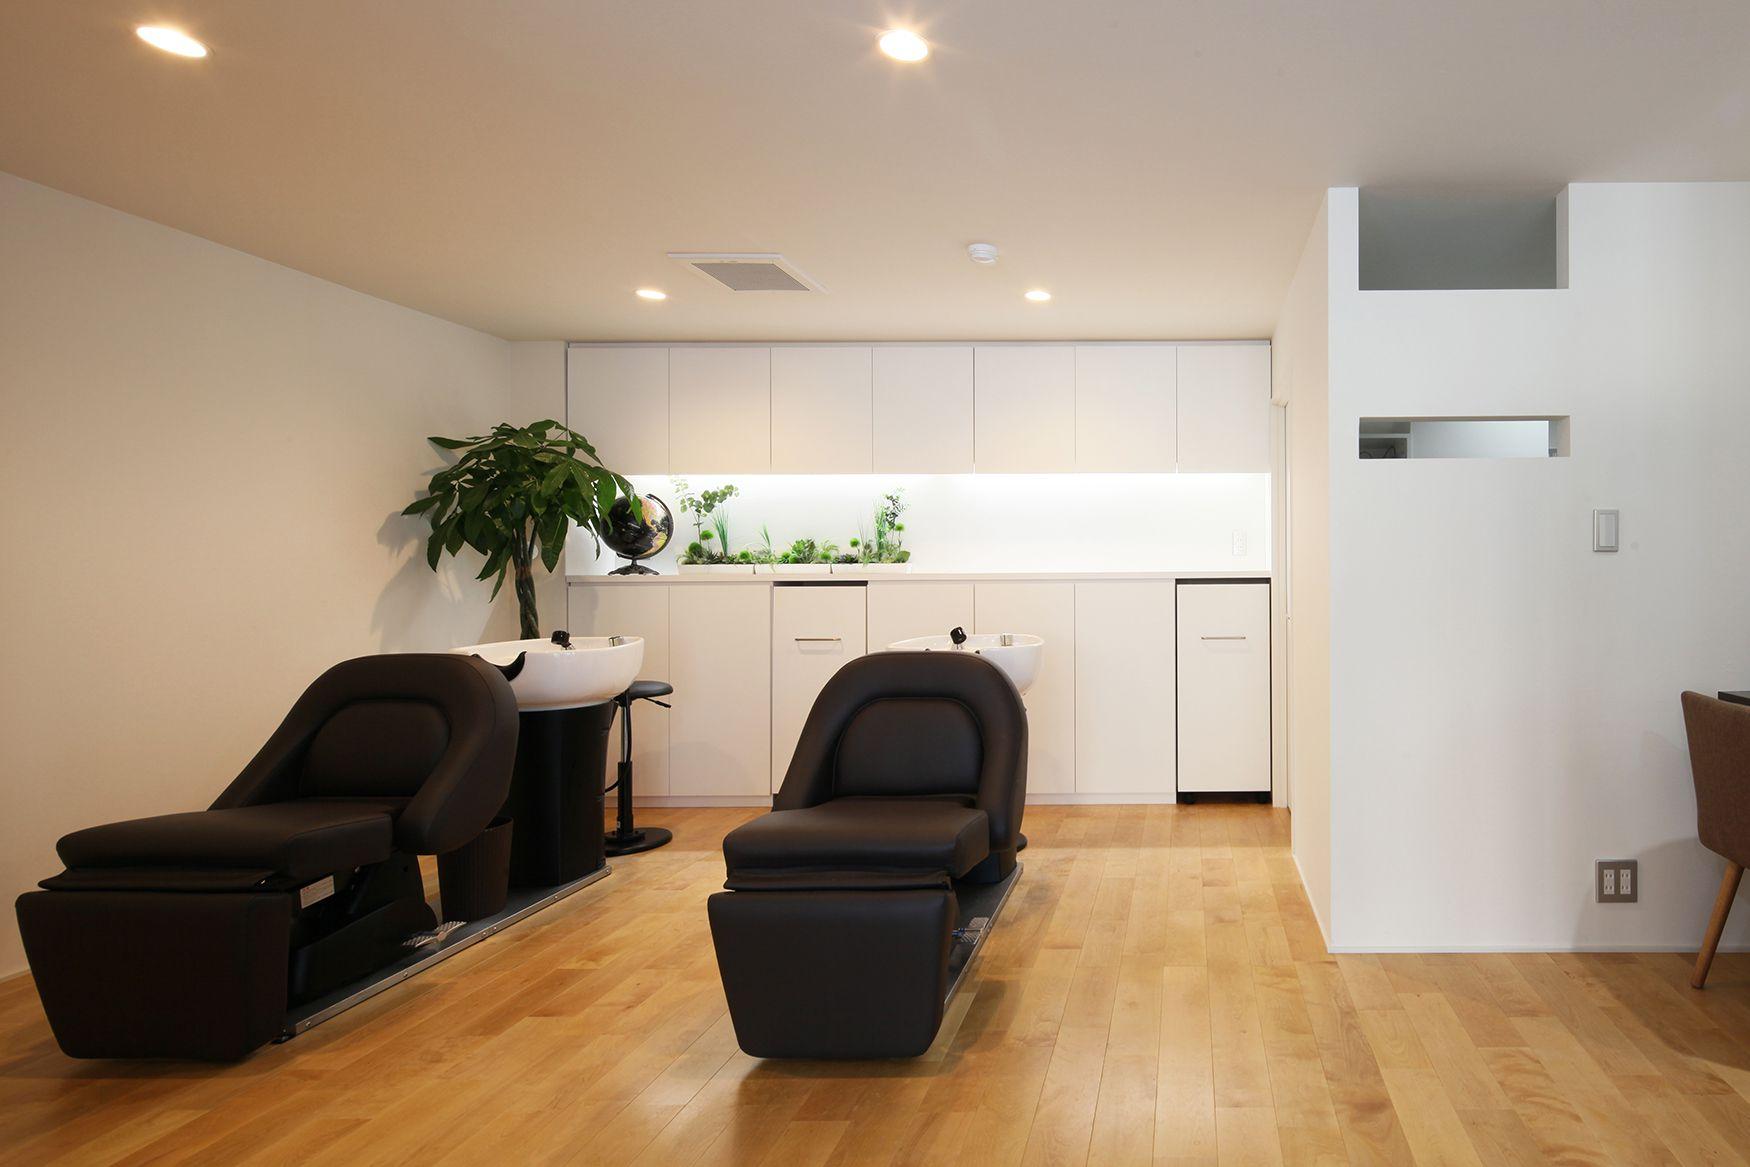 古いテナントビルに挿入された白い空間の美容室